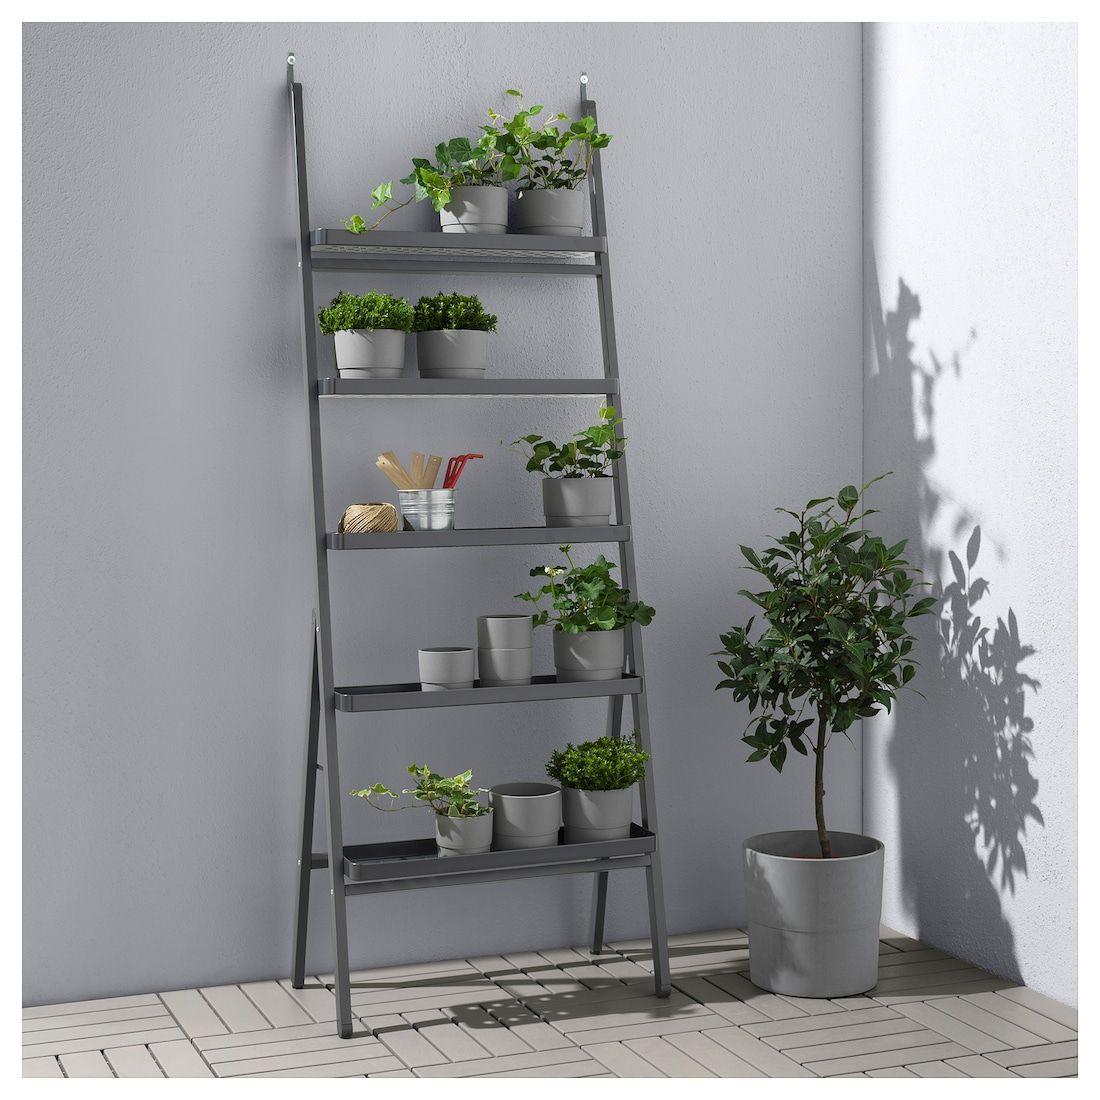 Salladskål Blumenständer Für Draußen Grau Ikea Pflanzenleiter Pflanzenwand Pflanzenständer